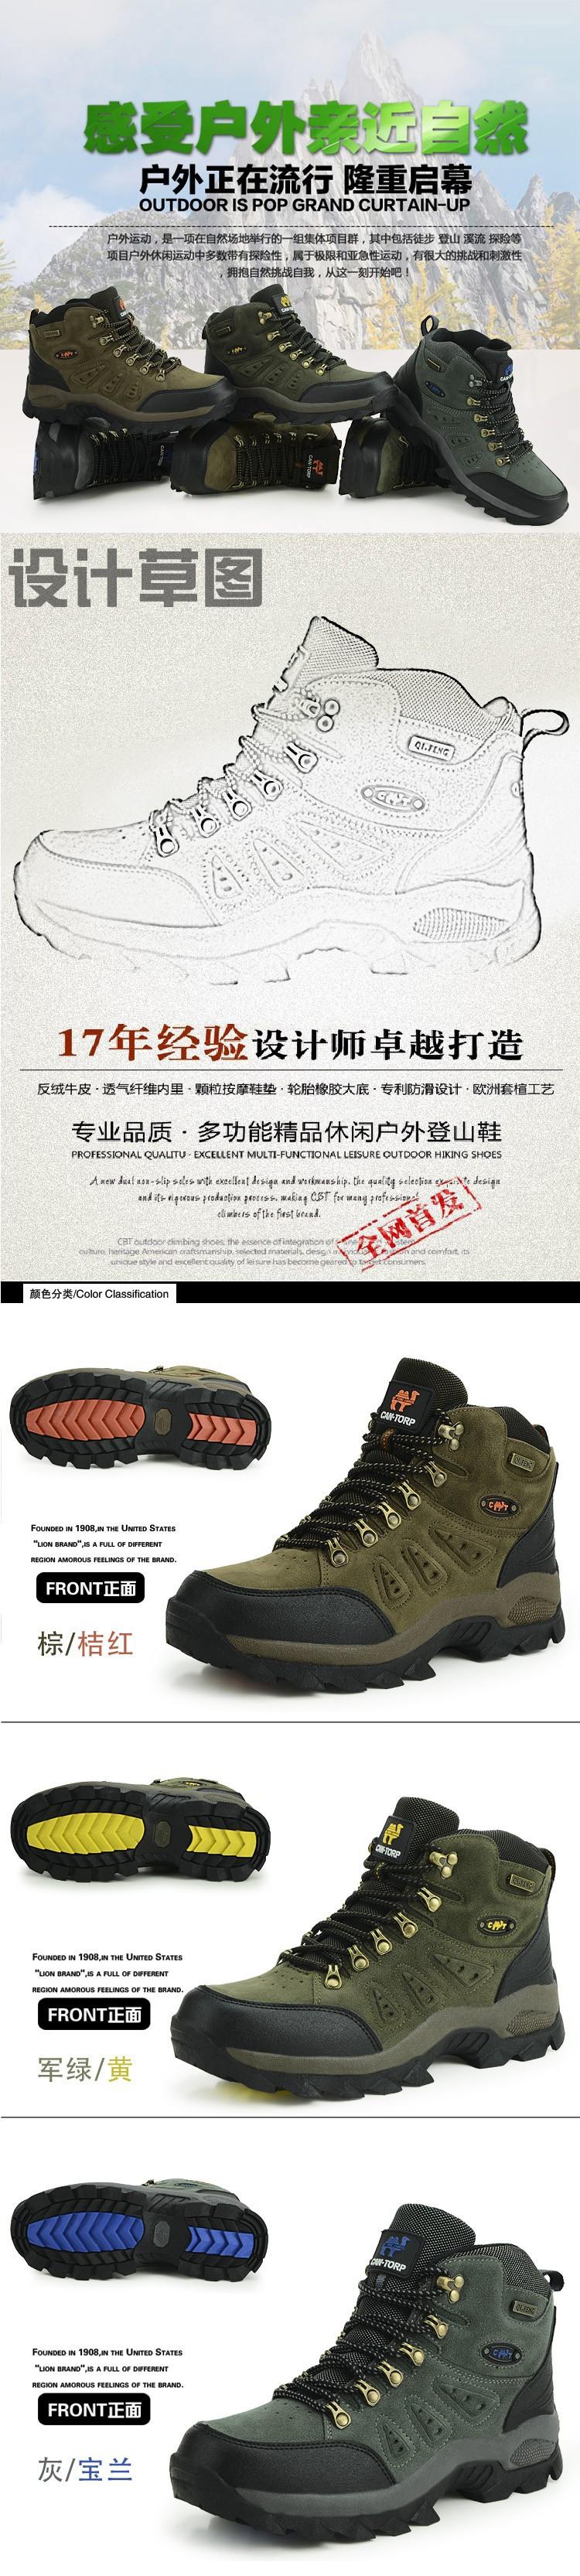 hiking shoes hs34d90 (3)